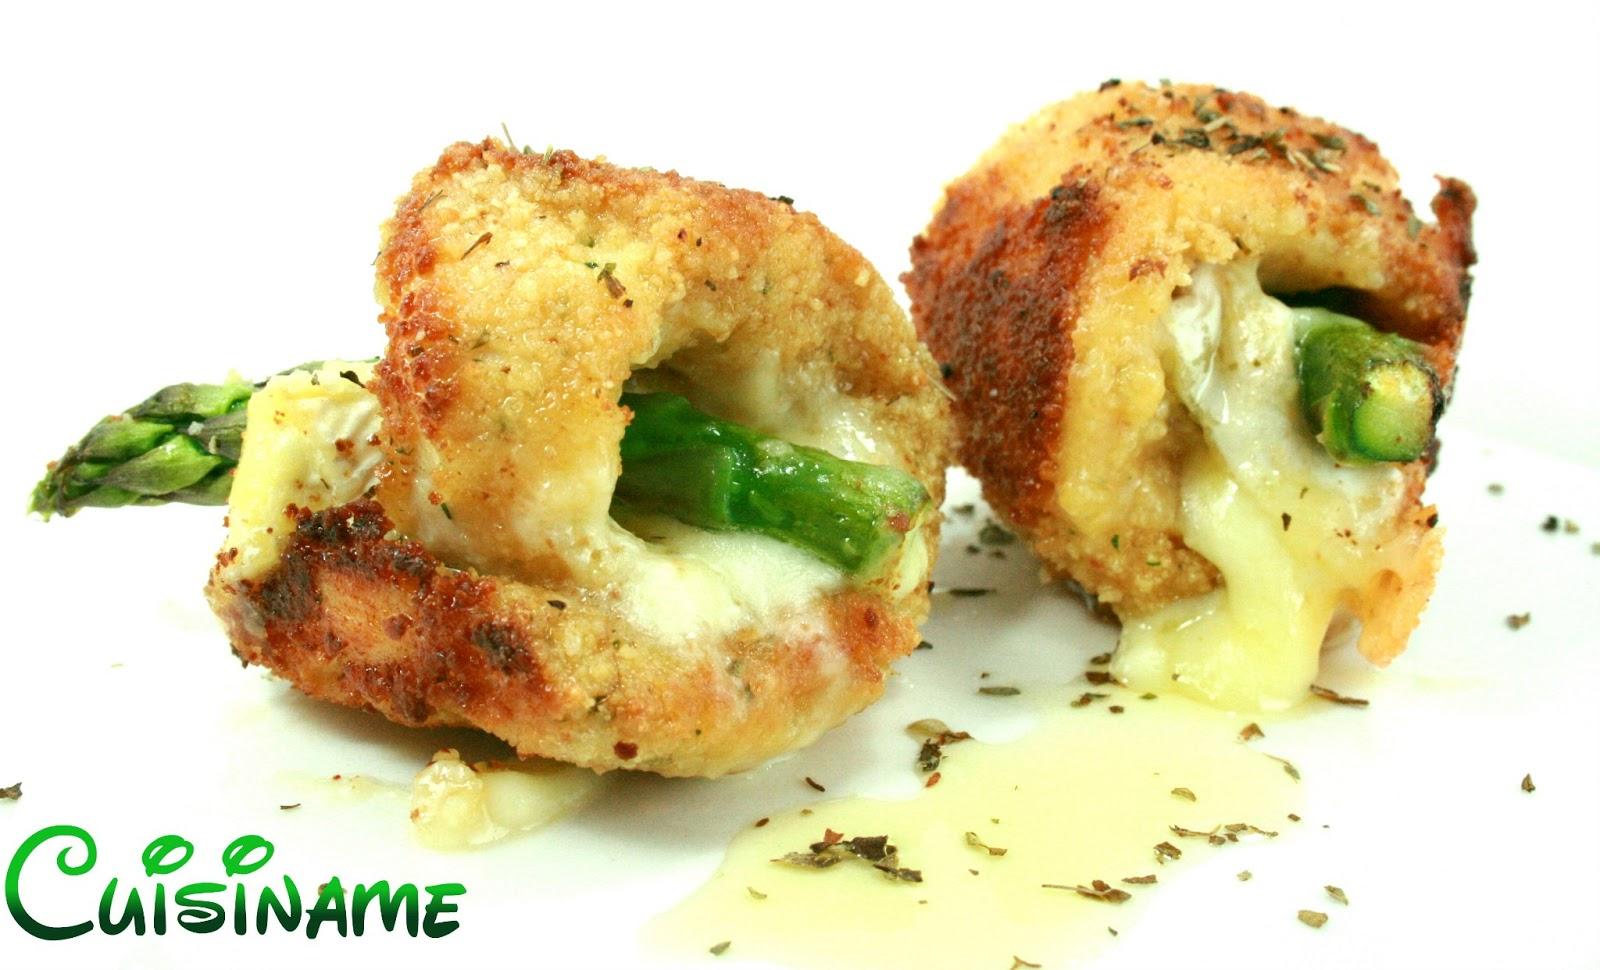 Recetas de cocina cuis name - Platos de pollo faciles ...